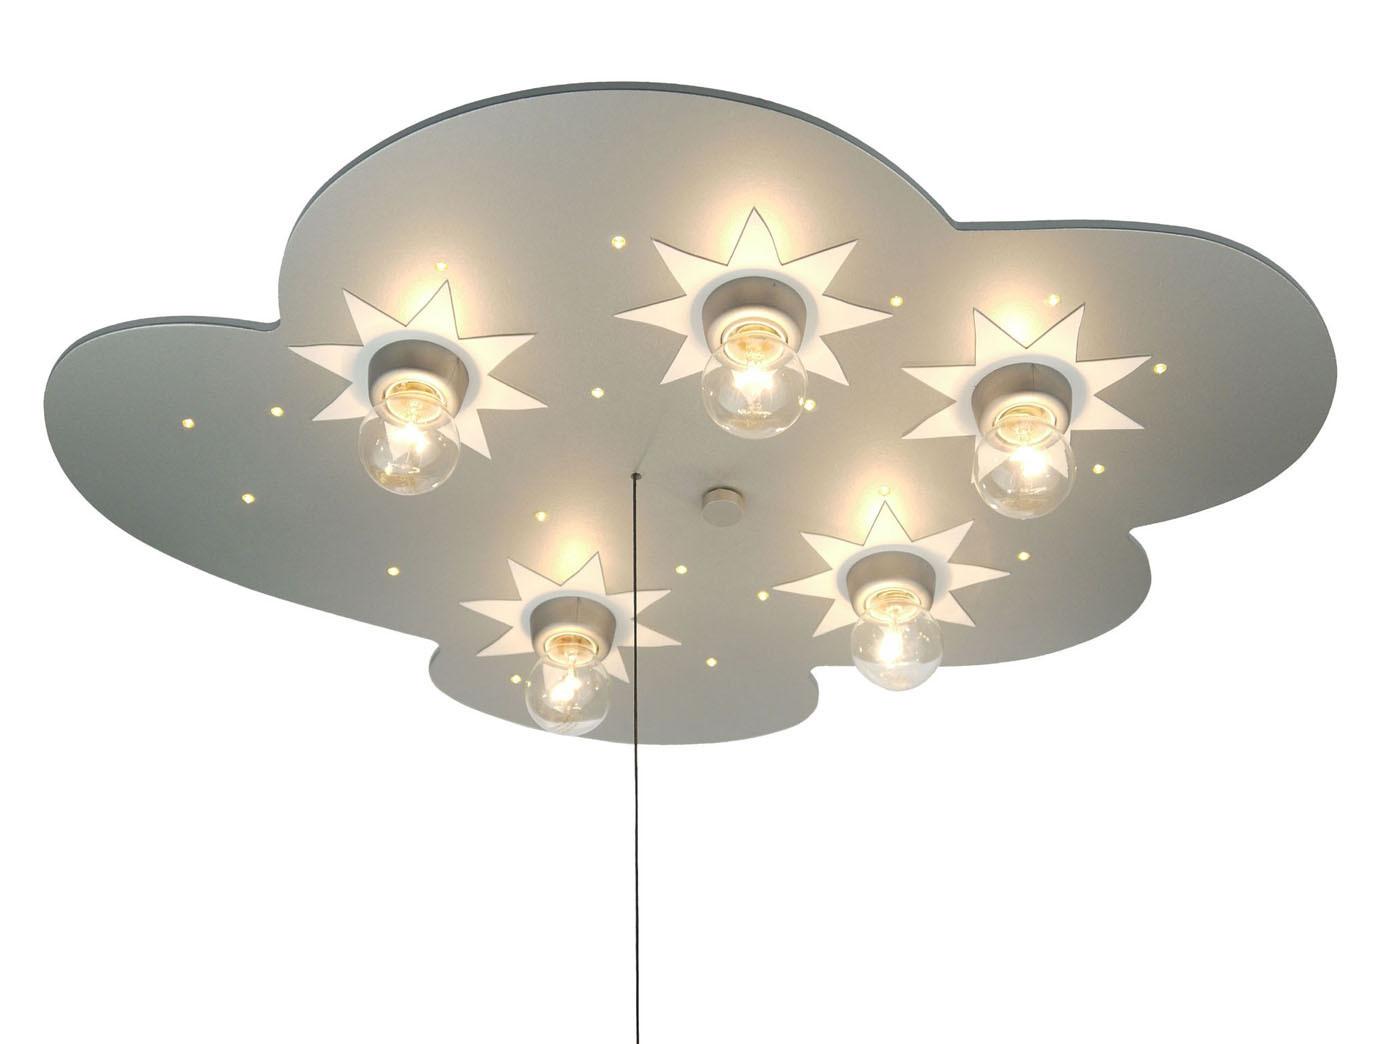 Kinderzimmer Lampe | Diy Niedliche Kinderzimmerlampe Im ...